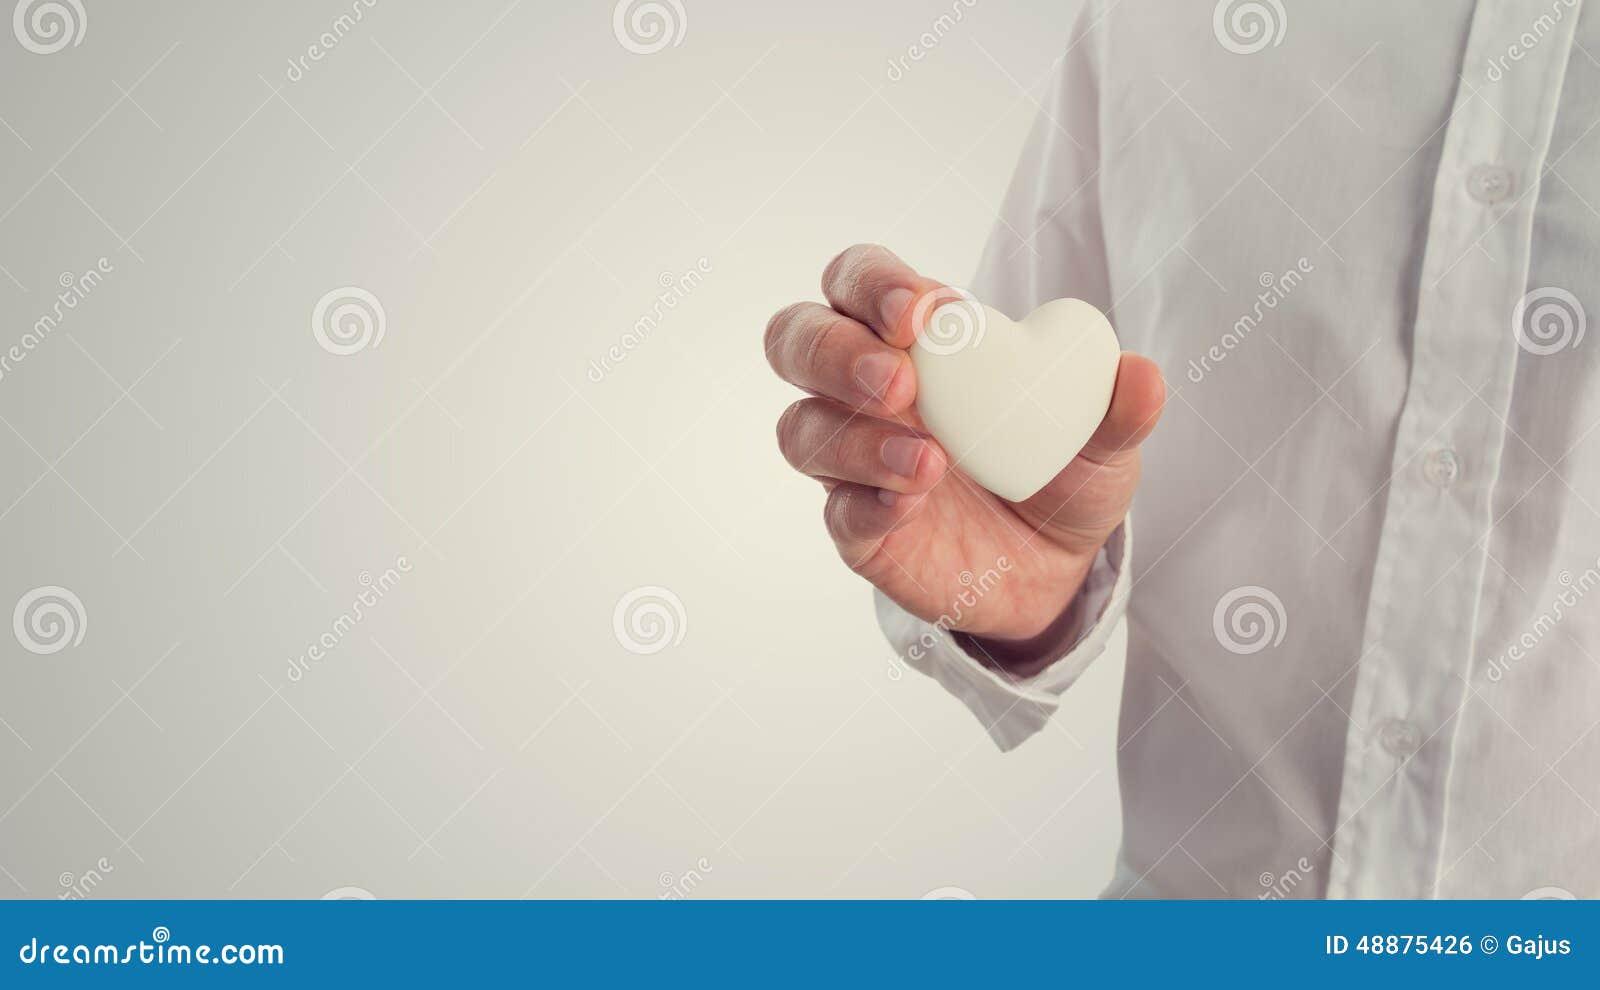 Retro immagine di un uomo che tiene un cuore bianco